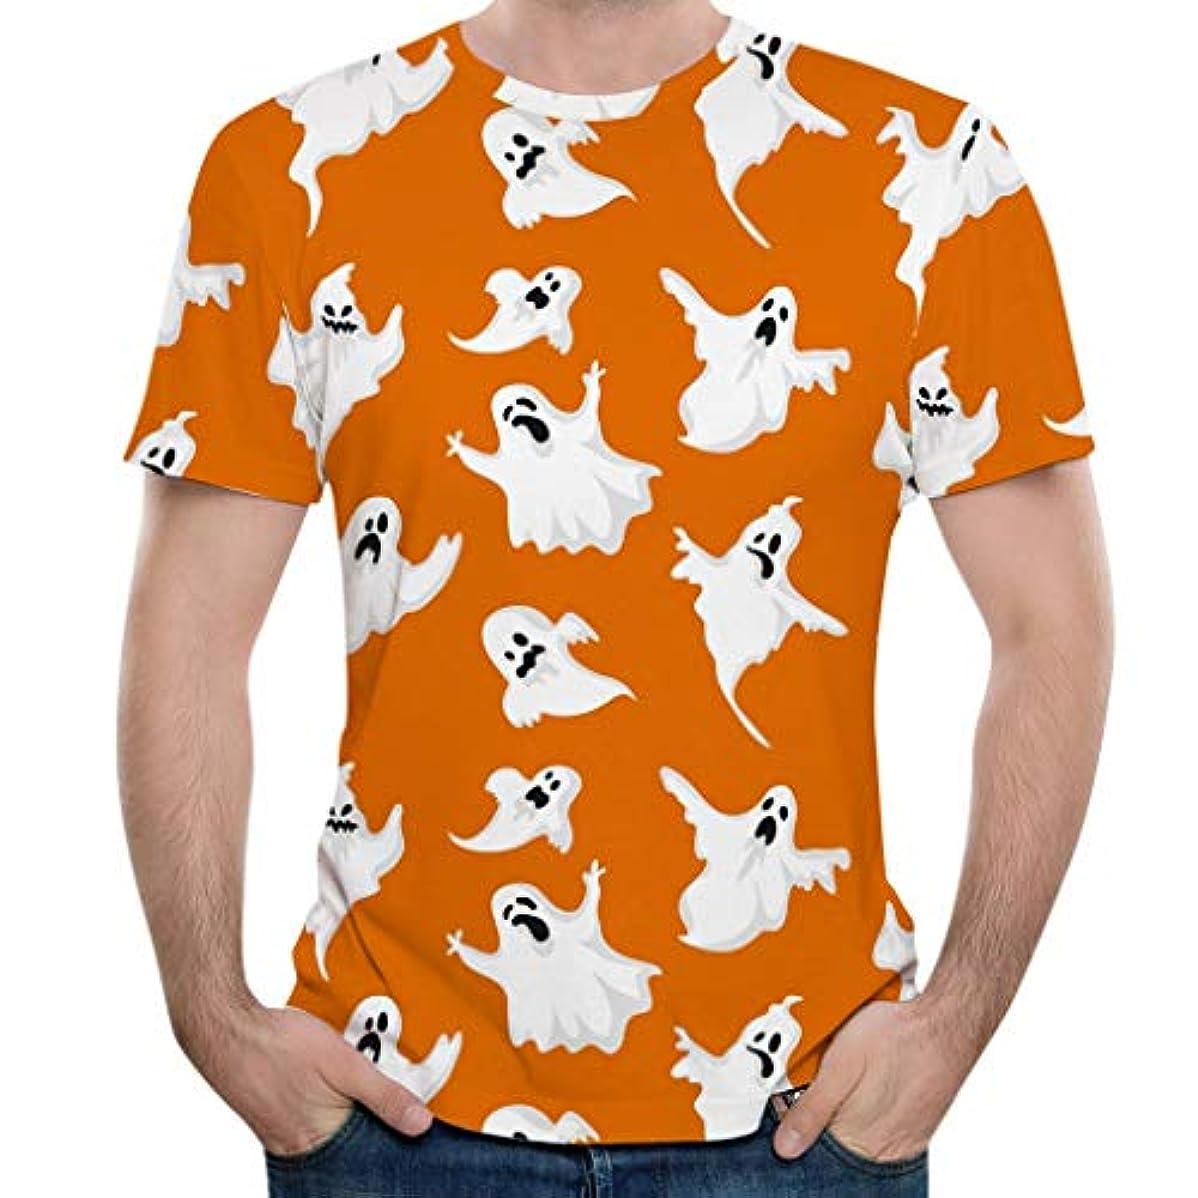 好きであるスリチンモイ会話Mangjiu tシャツ メンズ 夏 上着 おしゃれ シンプルなスタイル ホリデーギフト 吸汗 通気性 夏服 男性ハロウィン3DプリントOネック半袖Tシャツトップスブラウス